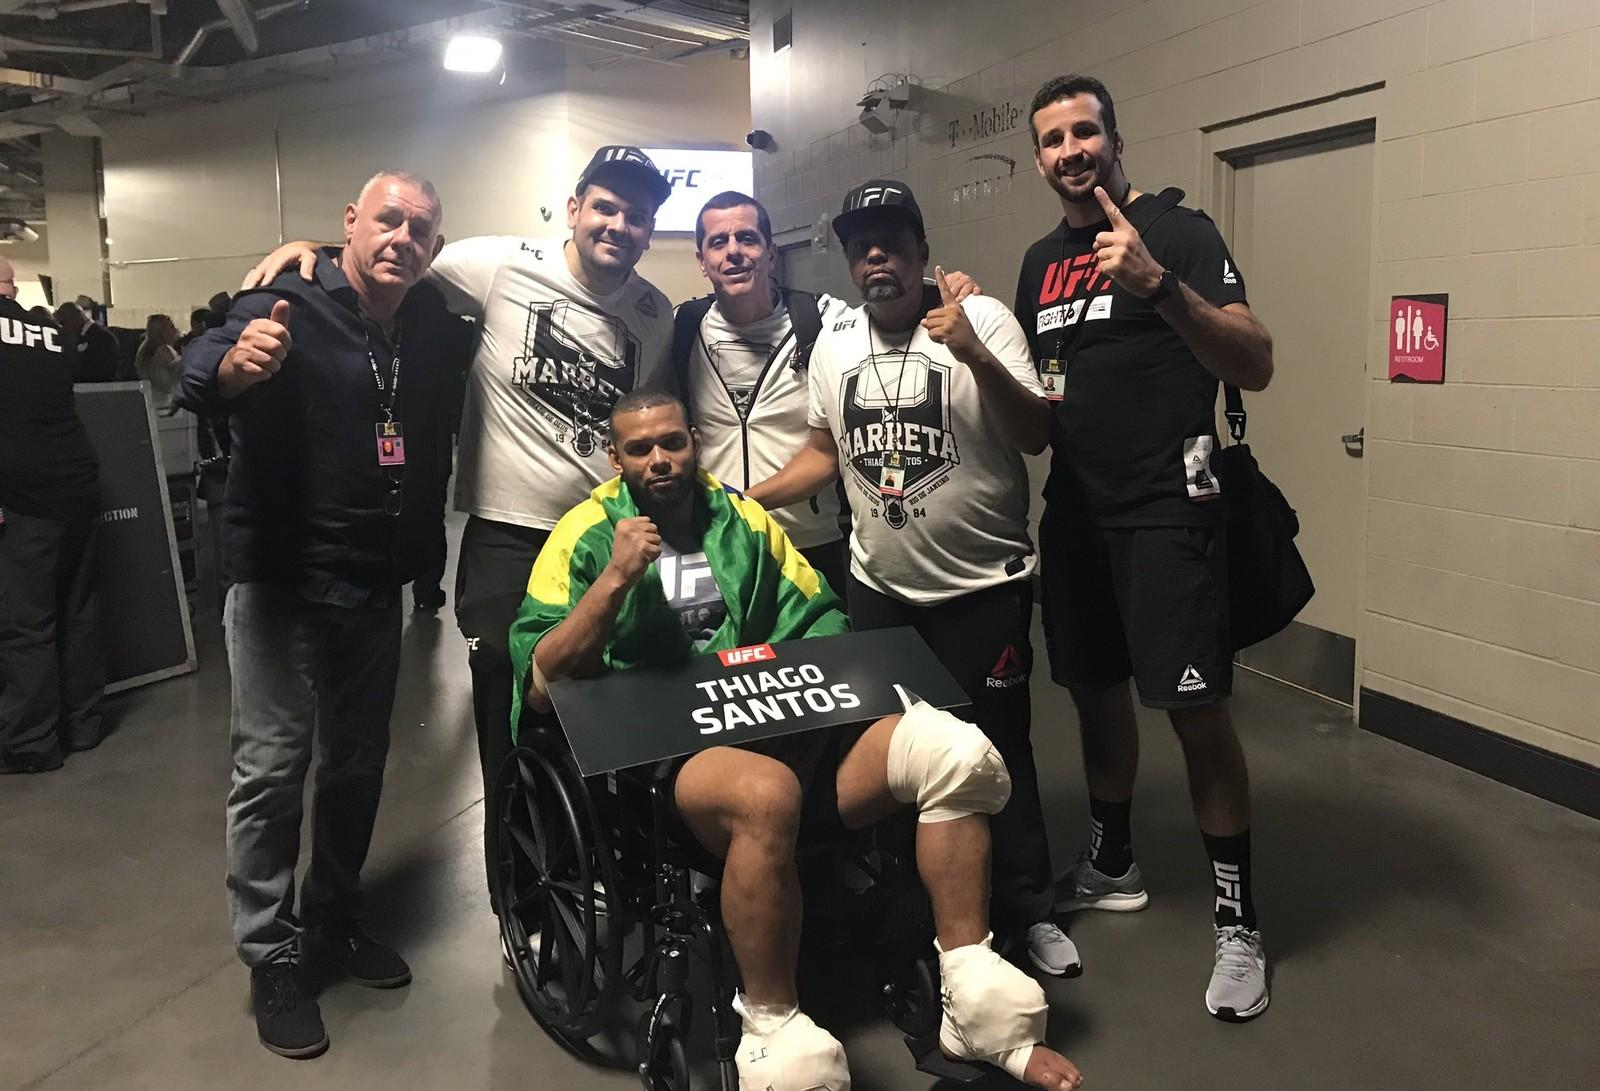 Marreta deixa área de lutas em cadeira de rodas. Foto: Reprodução / Instagram